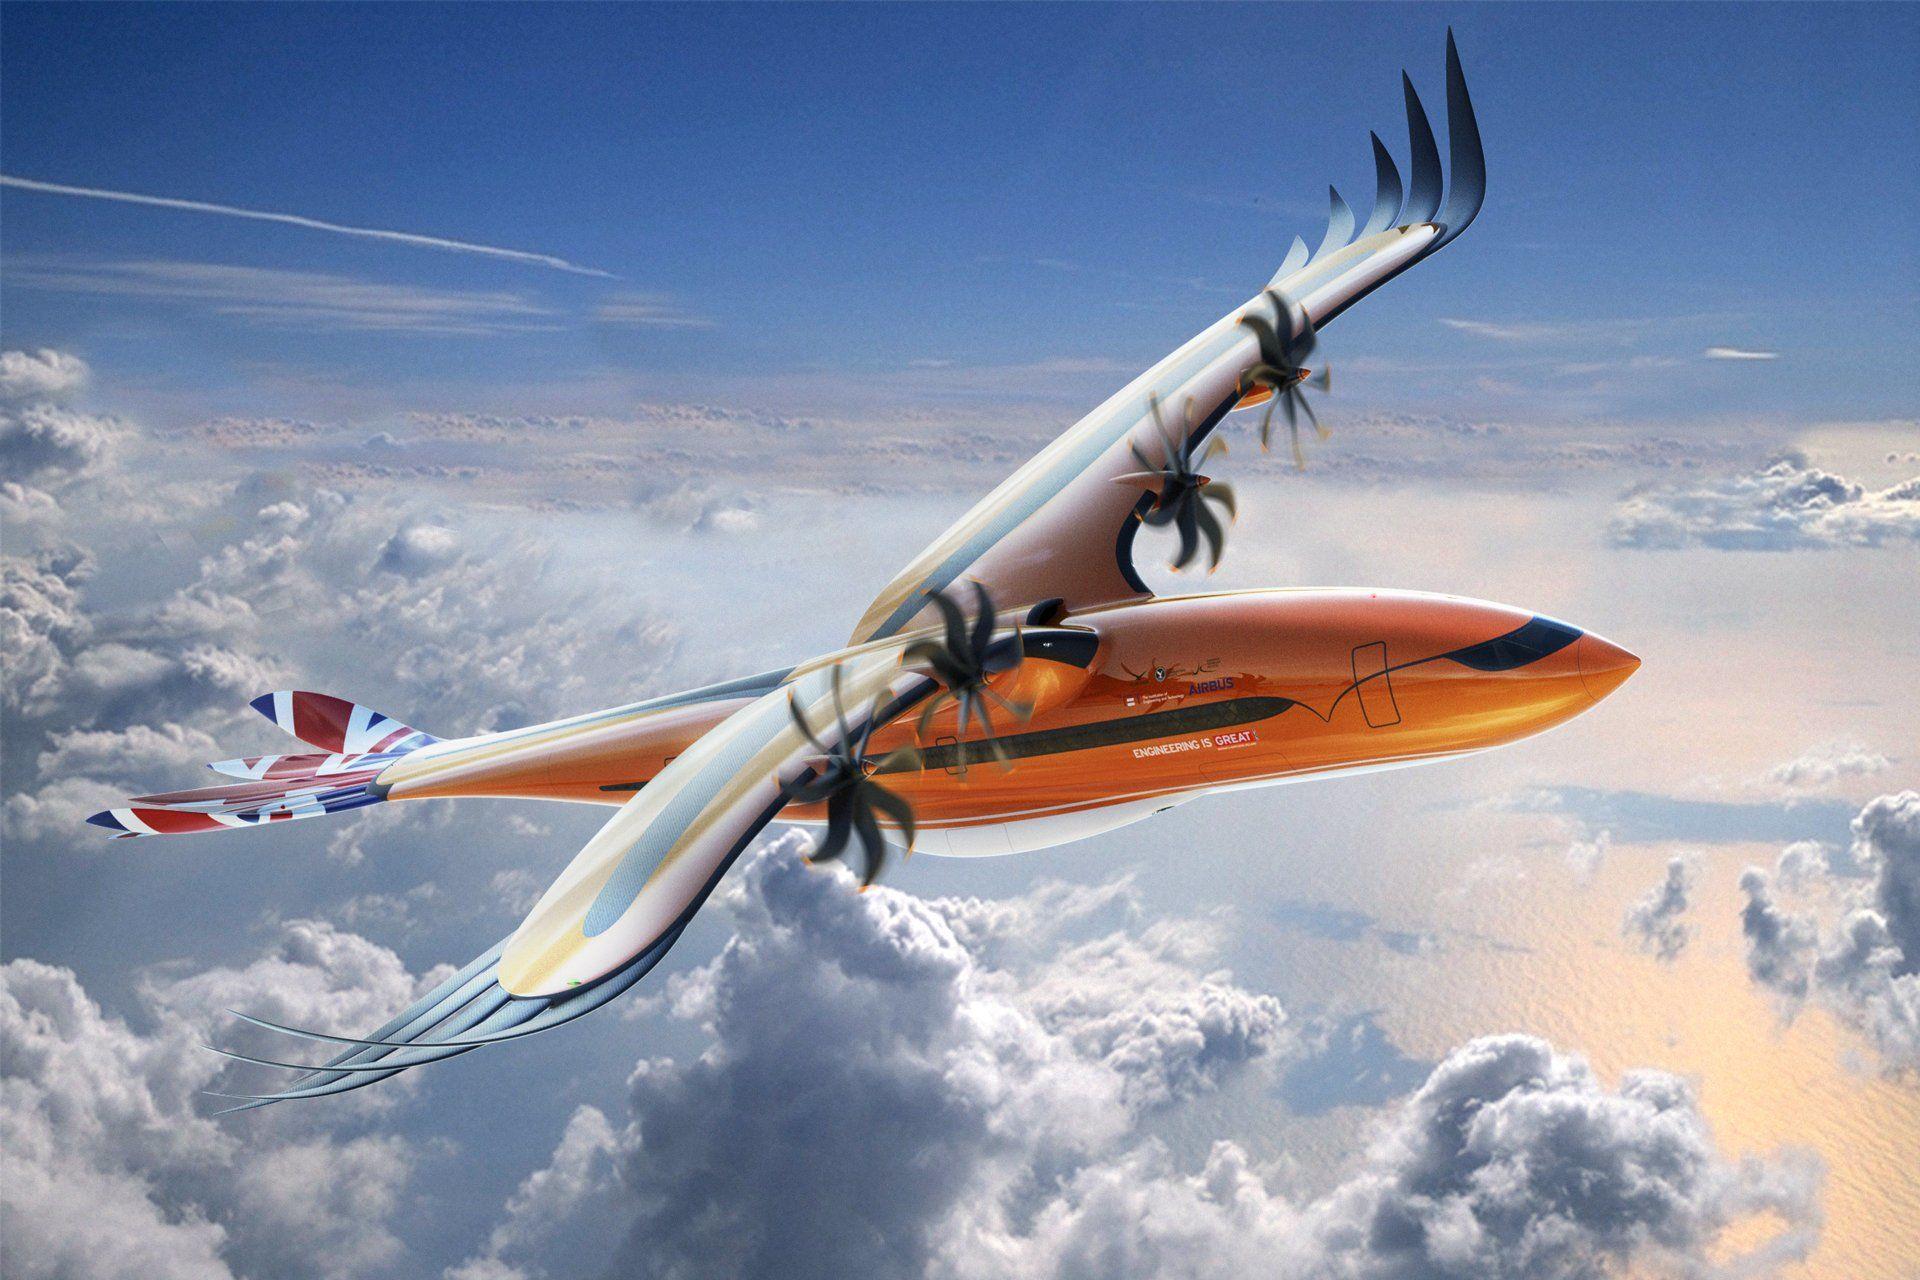 Airbus: un concept d'avion de ligne inspiré de l'oiseau de proie